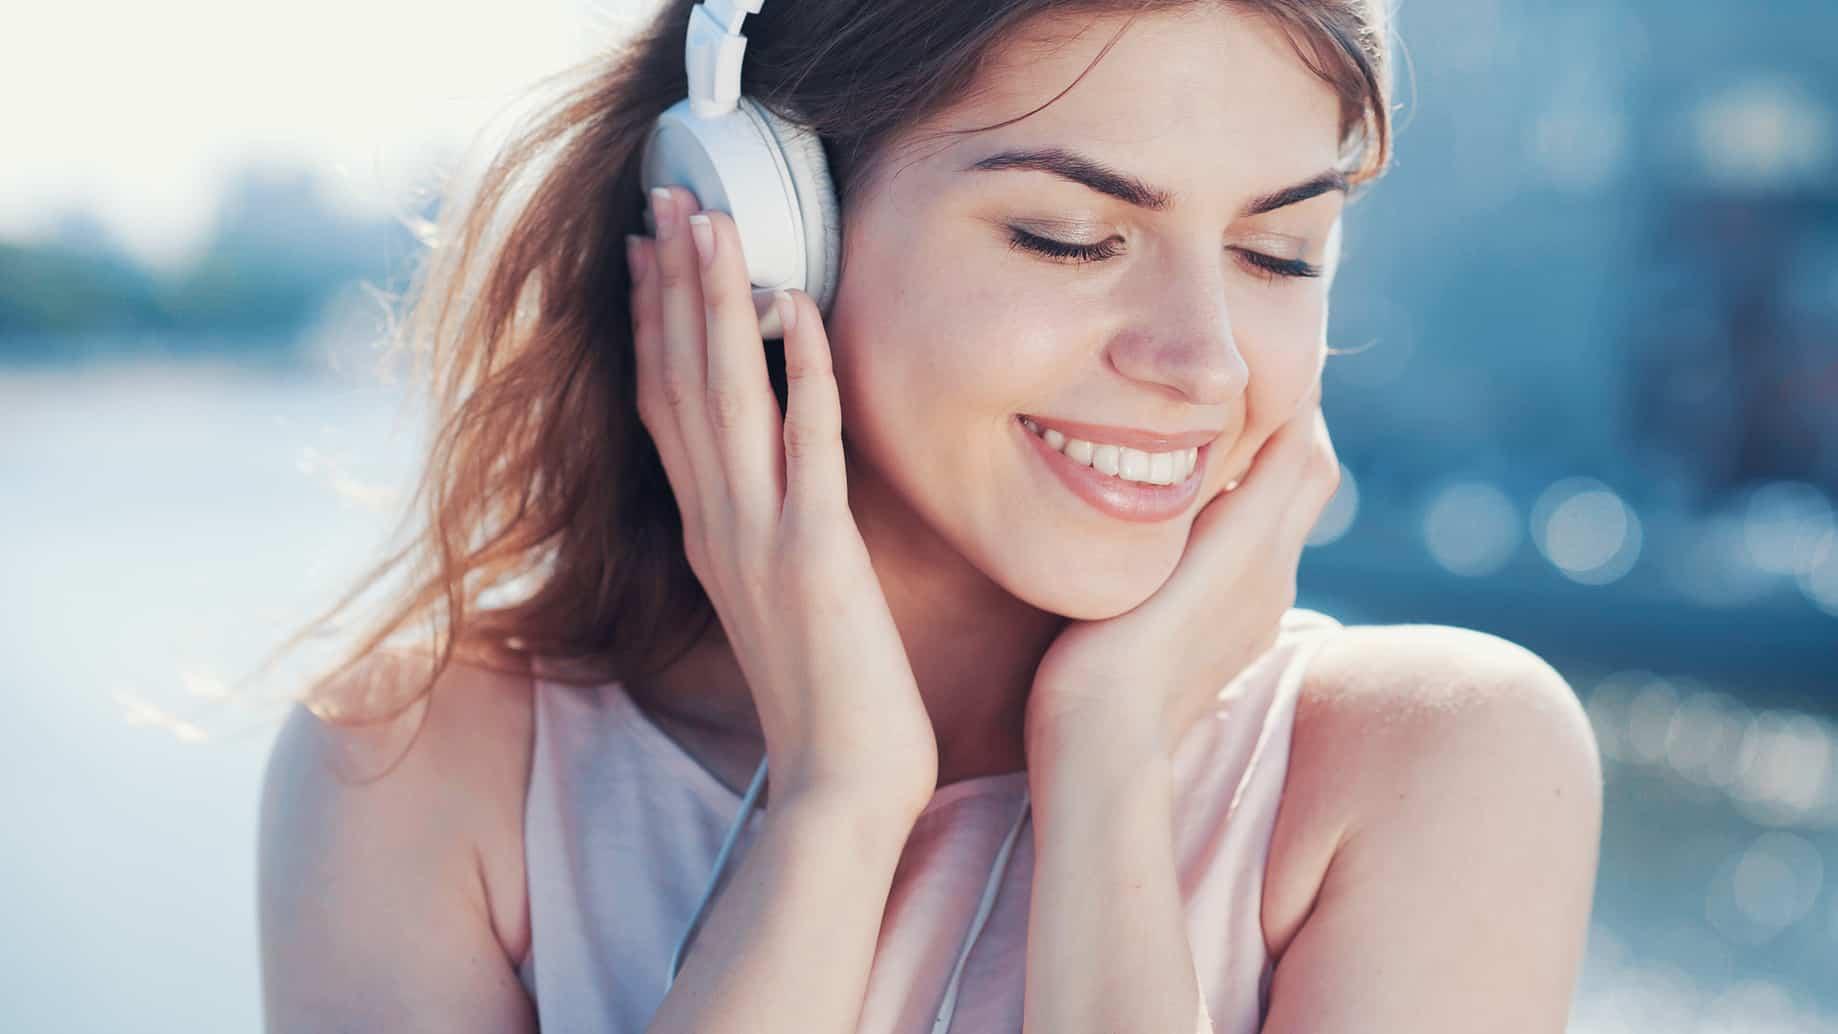 La industria de la música ha tenido una notable evolución tanto en la grabación y producción como en el ámbito de la promoción y distribución.